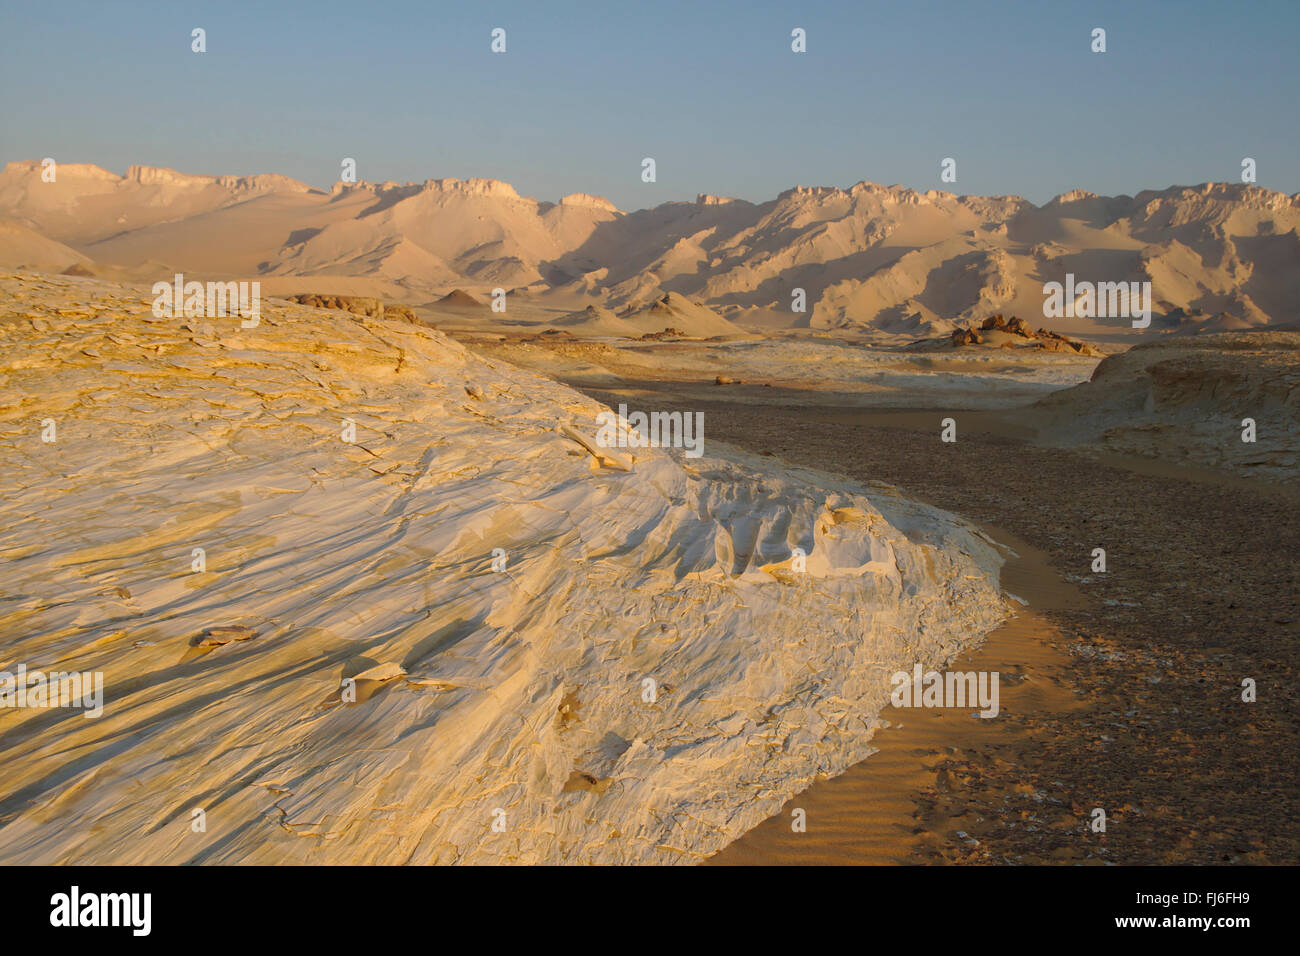 Corrasion éolienne sur calcaire, Dahkla, Egypt Banque D'Images